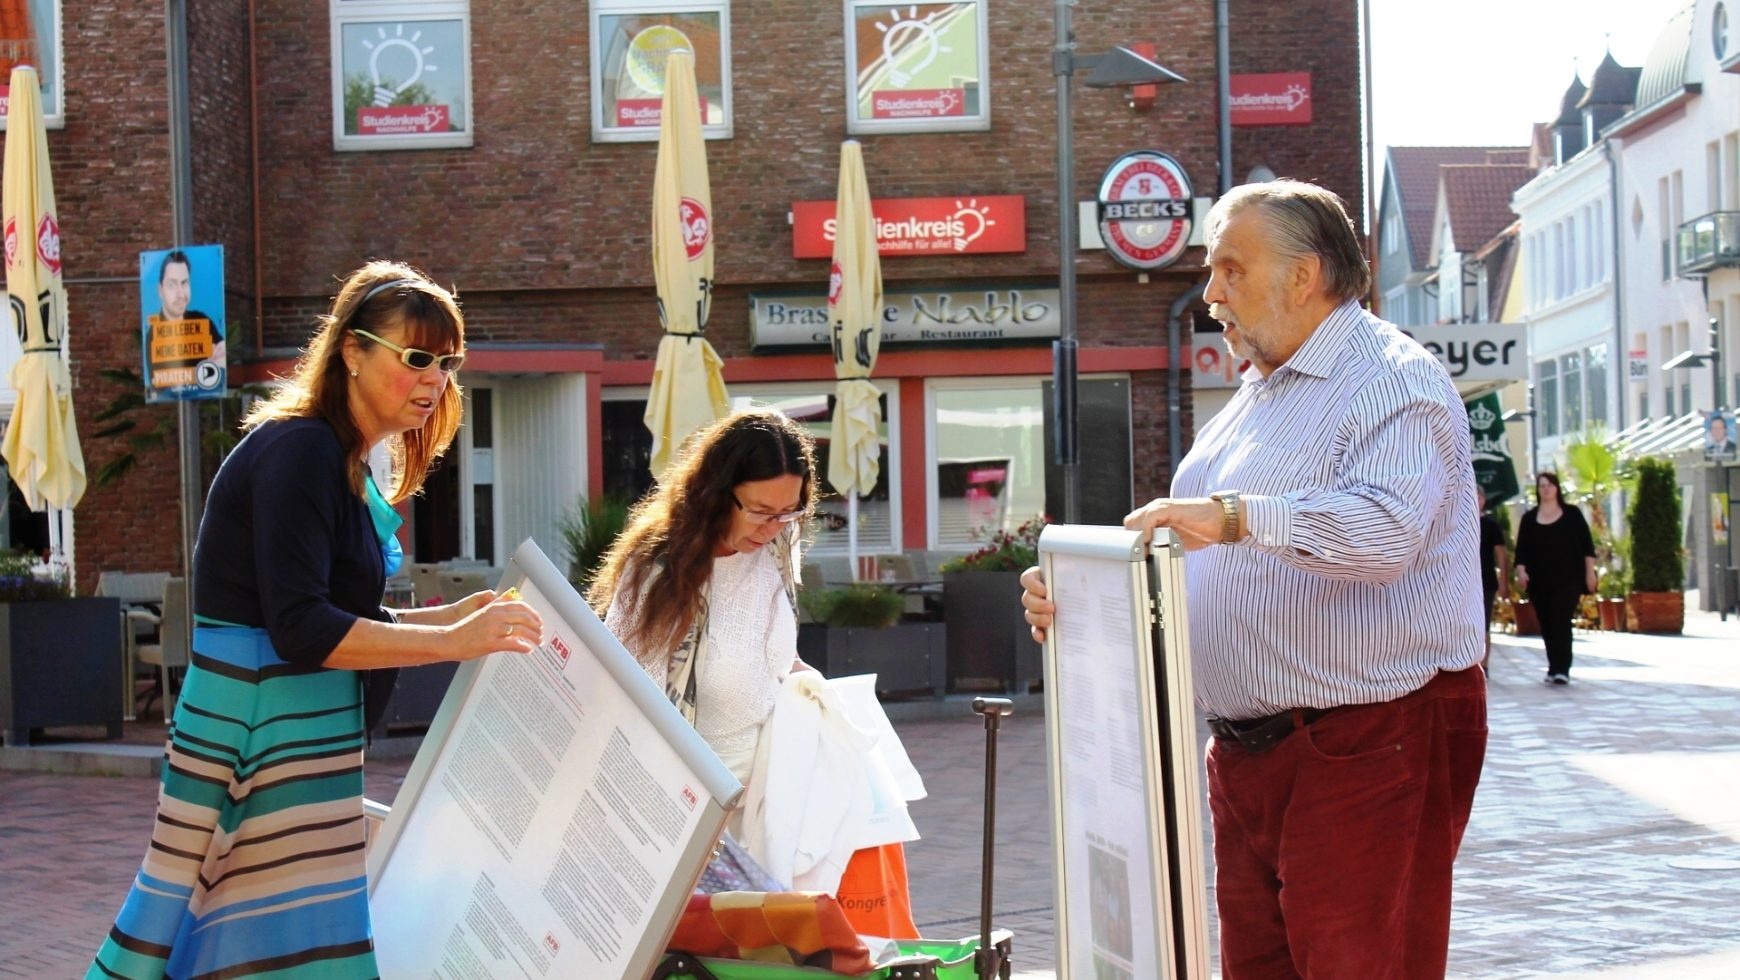 Einladung zum Infostand in Egestorf